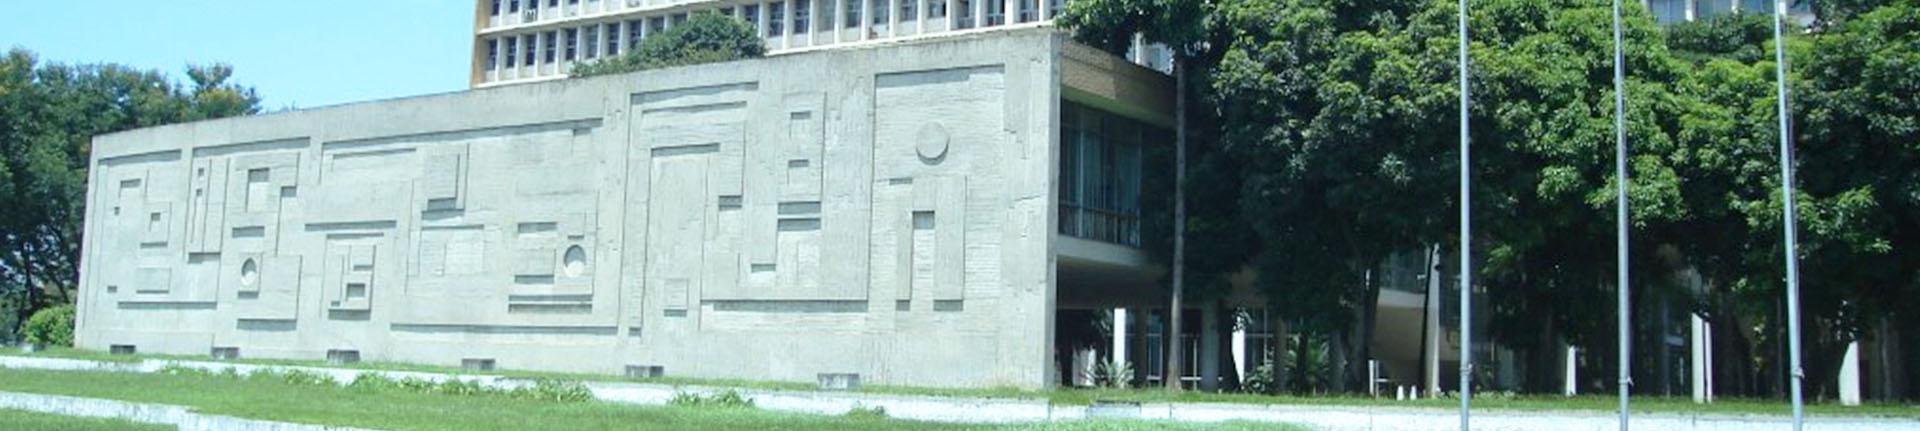 Escola de belas artes da UFRJ comemora seus 200 anos